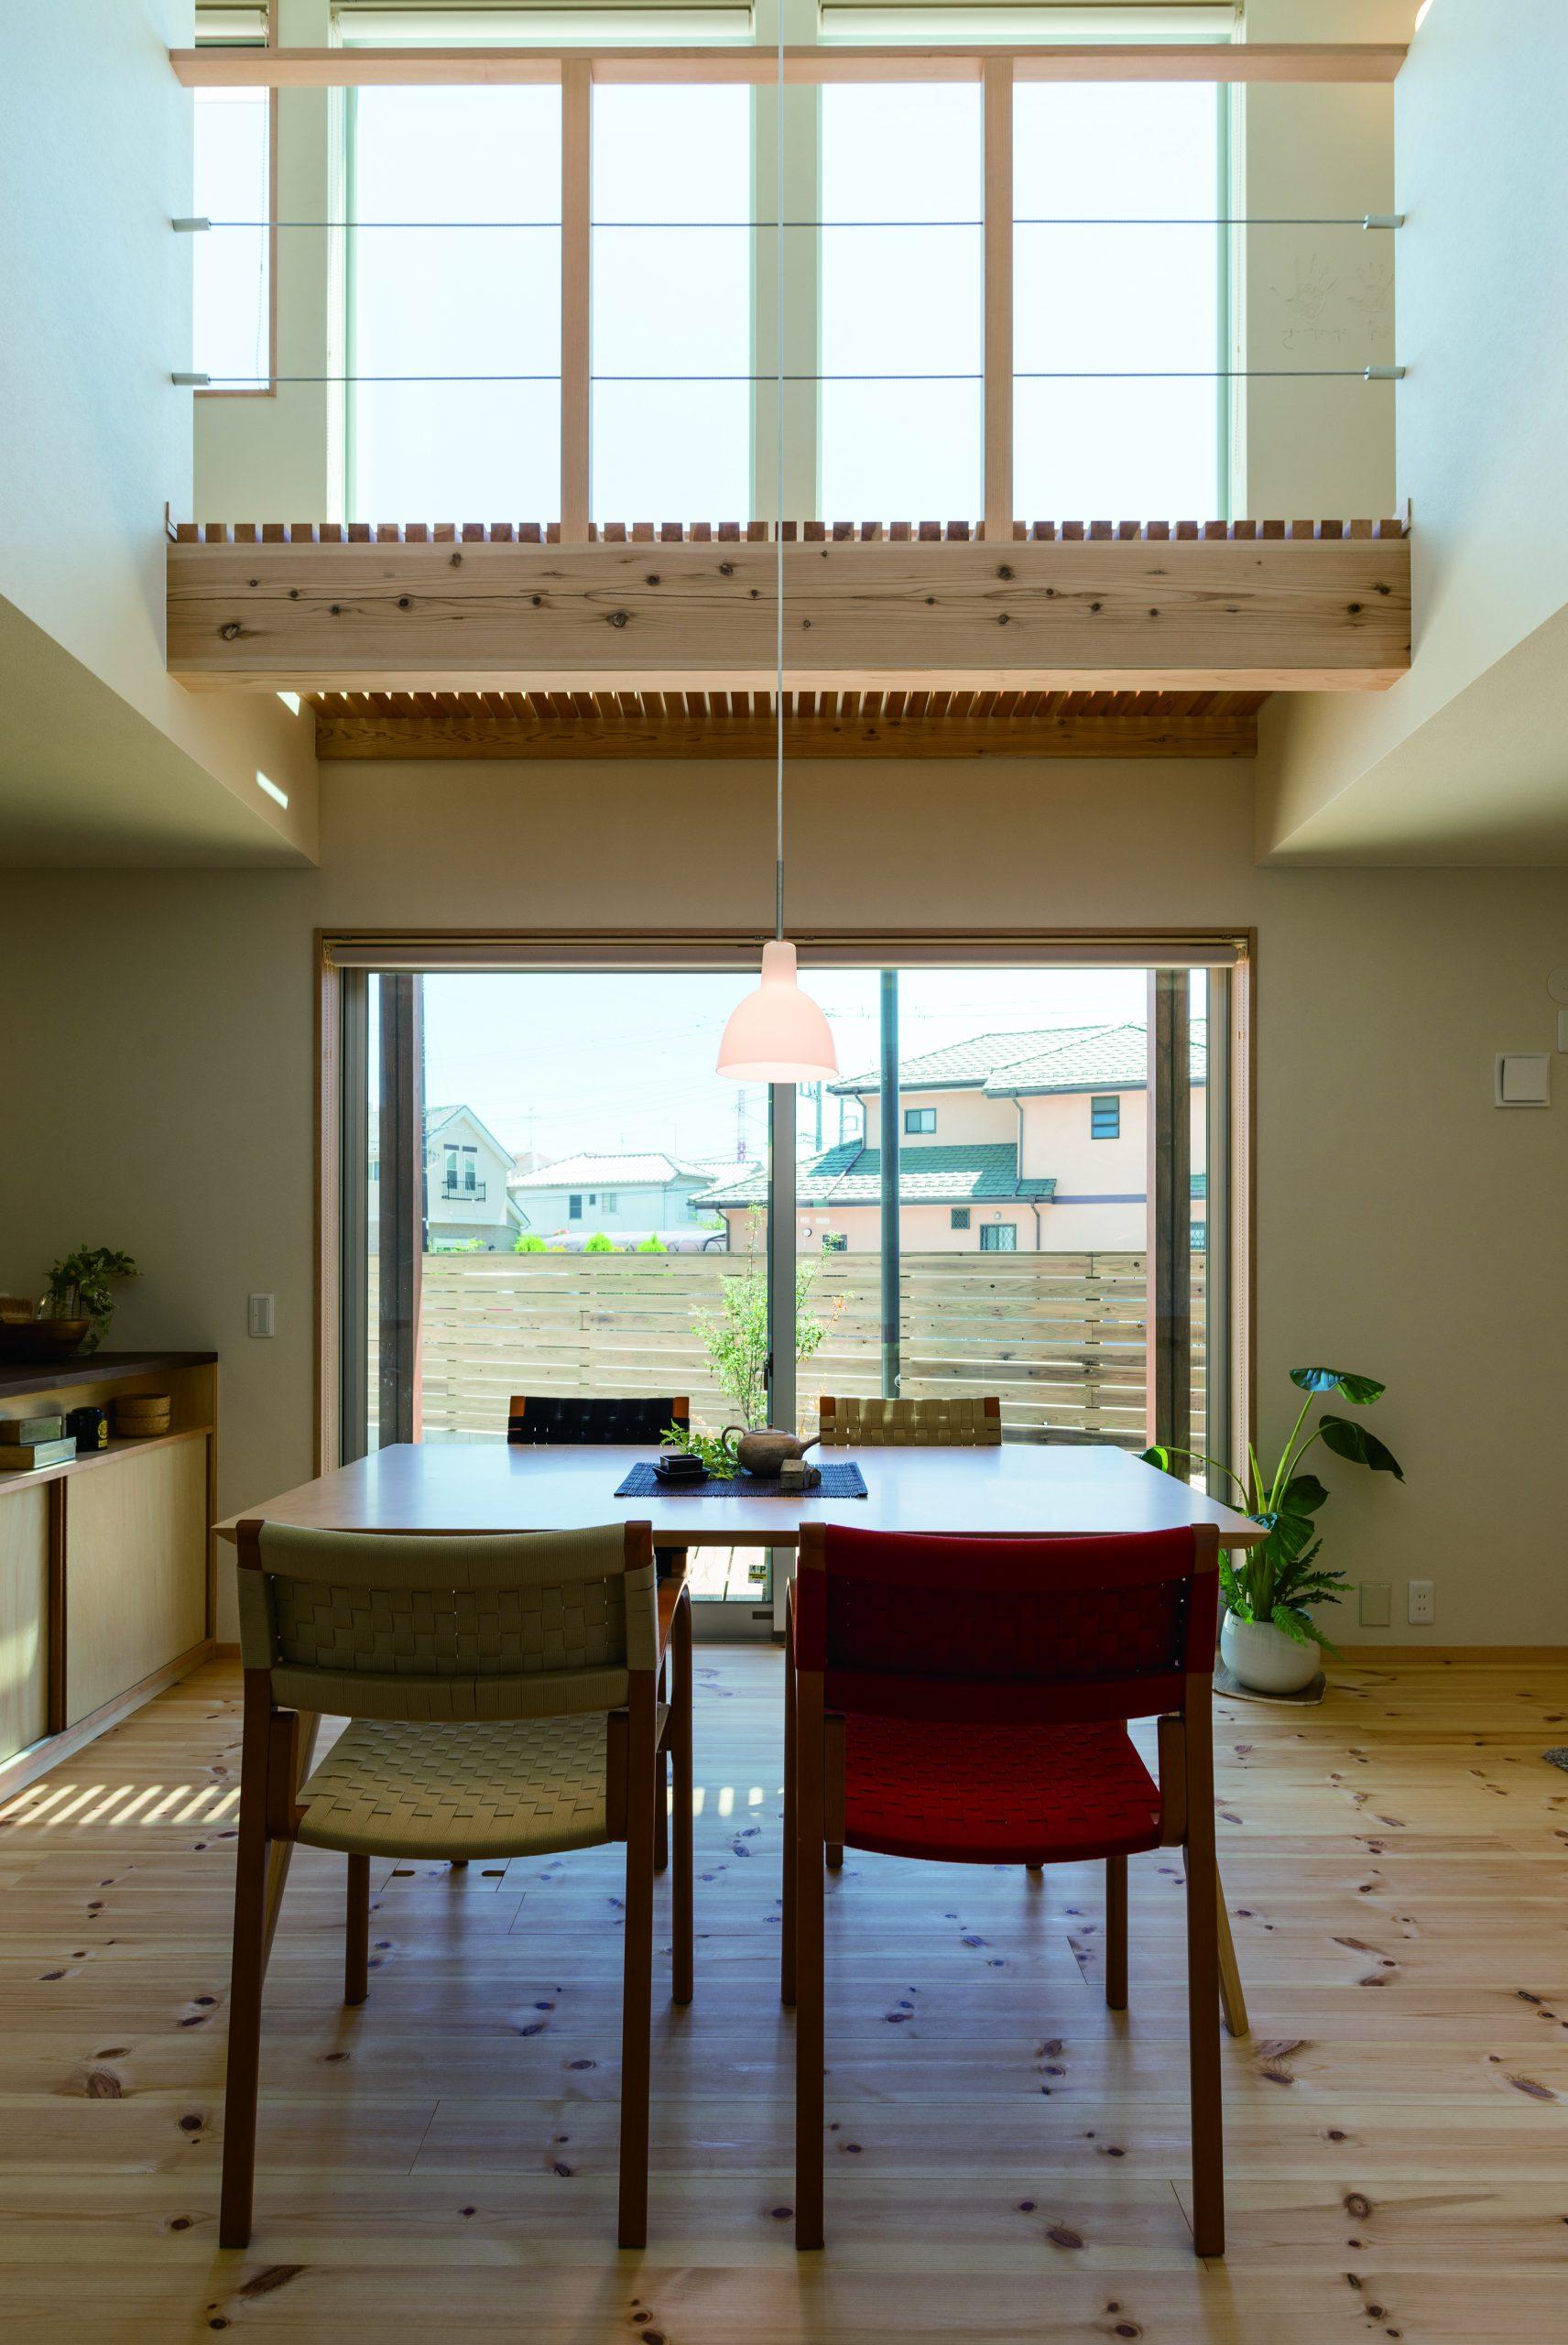 吹き抜けのあるリビングの建築実例:二階窓前に廊下を配置してデメリットを解消した事例